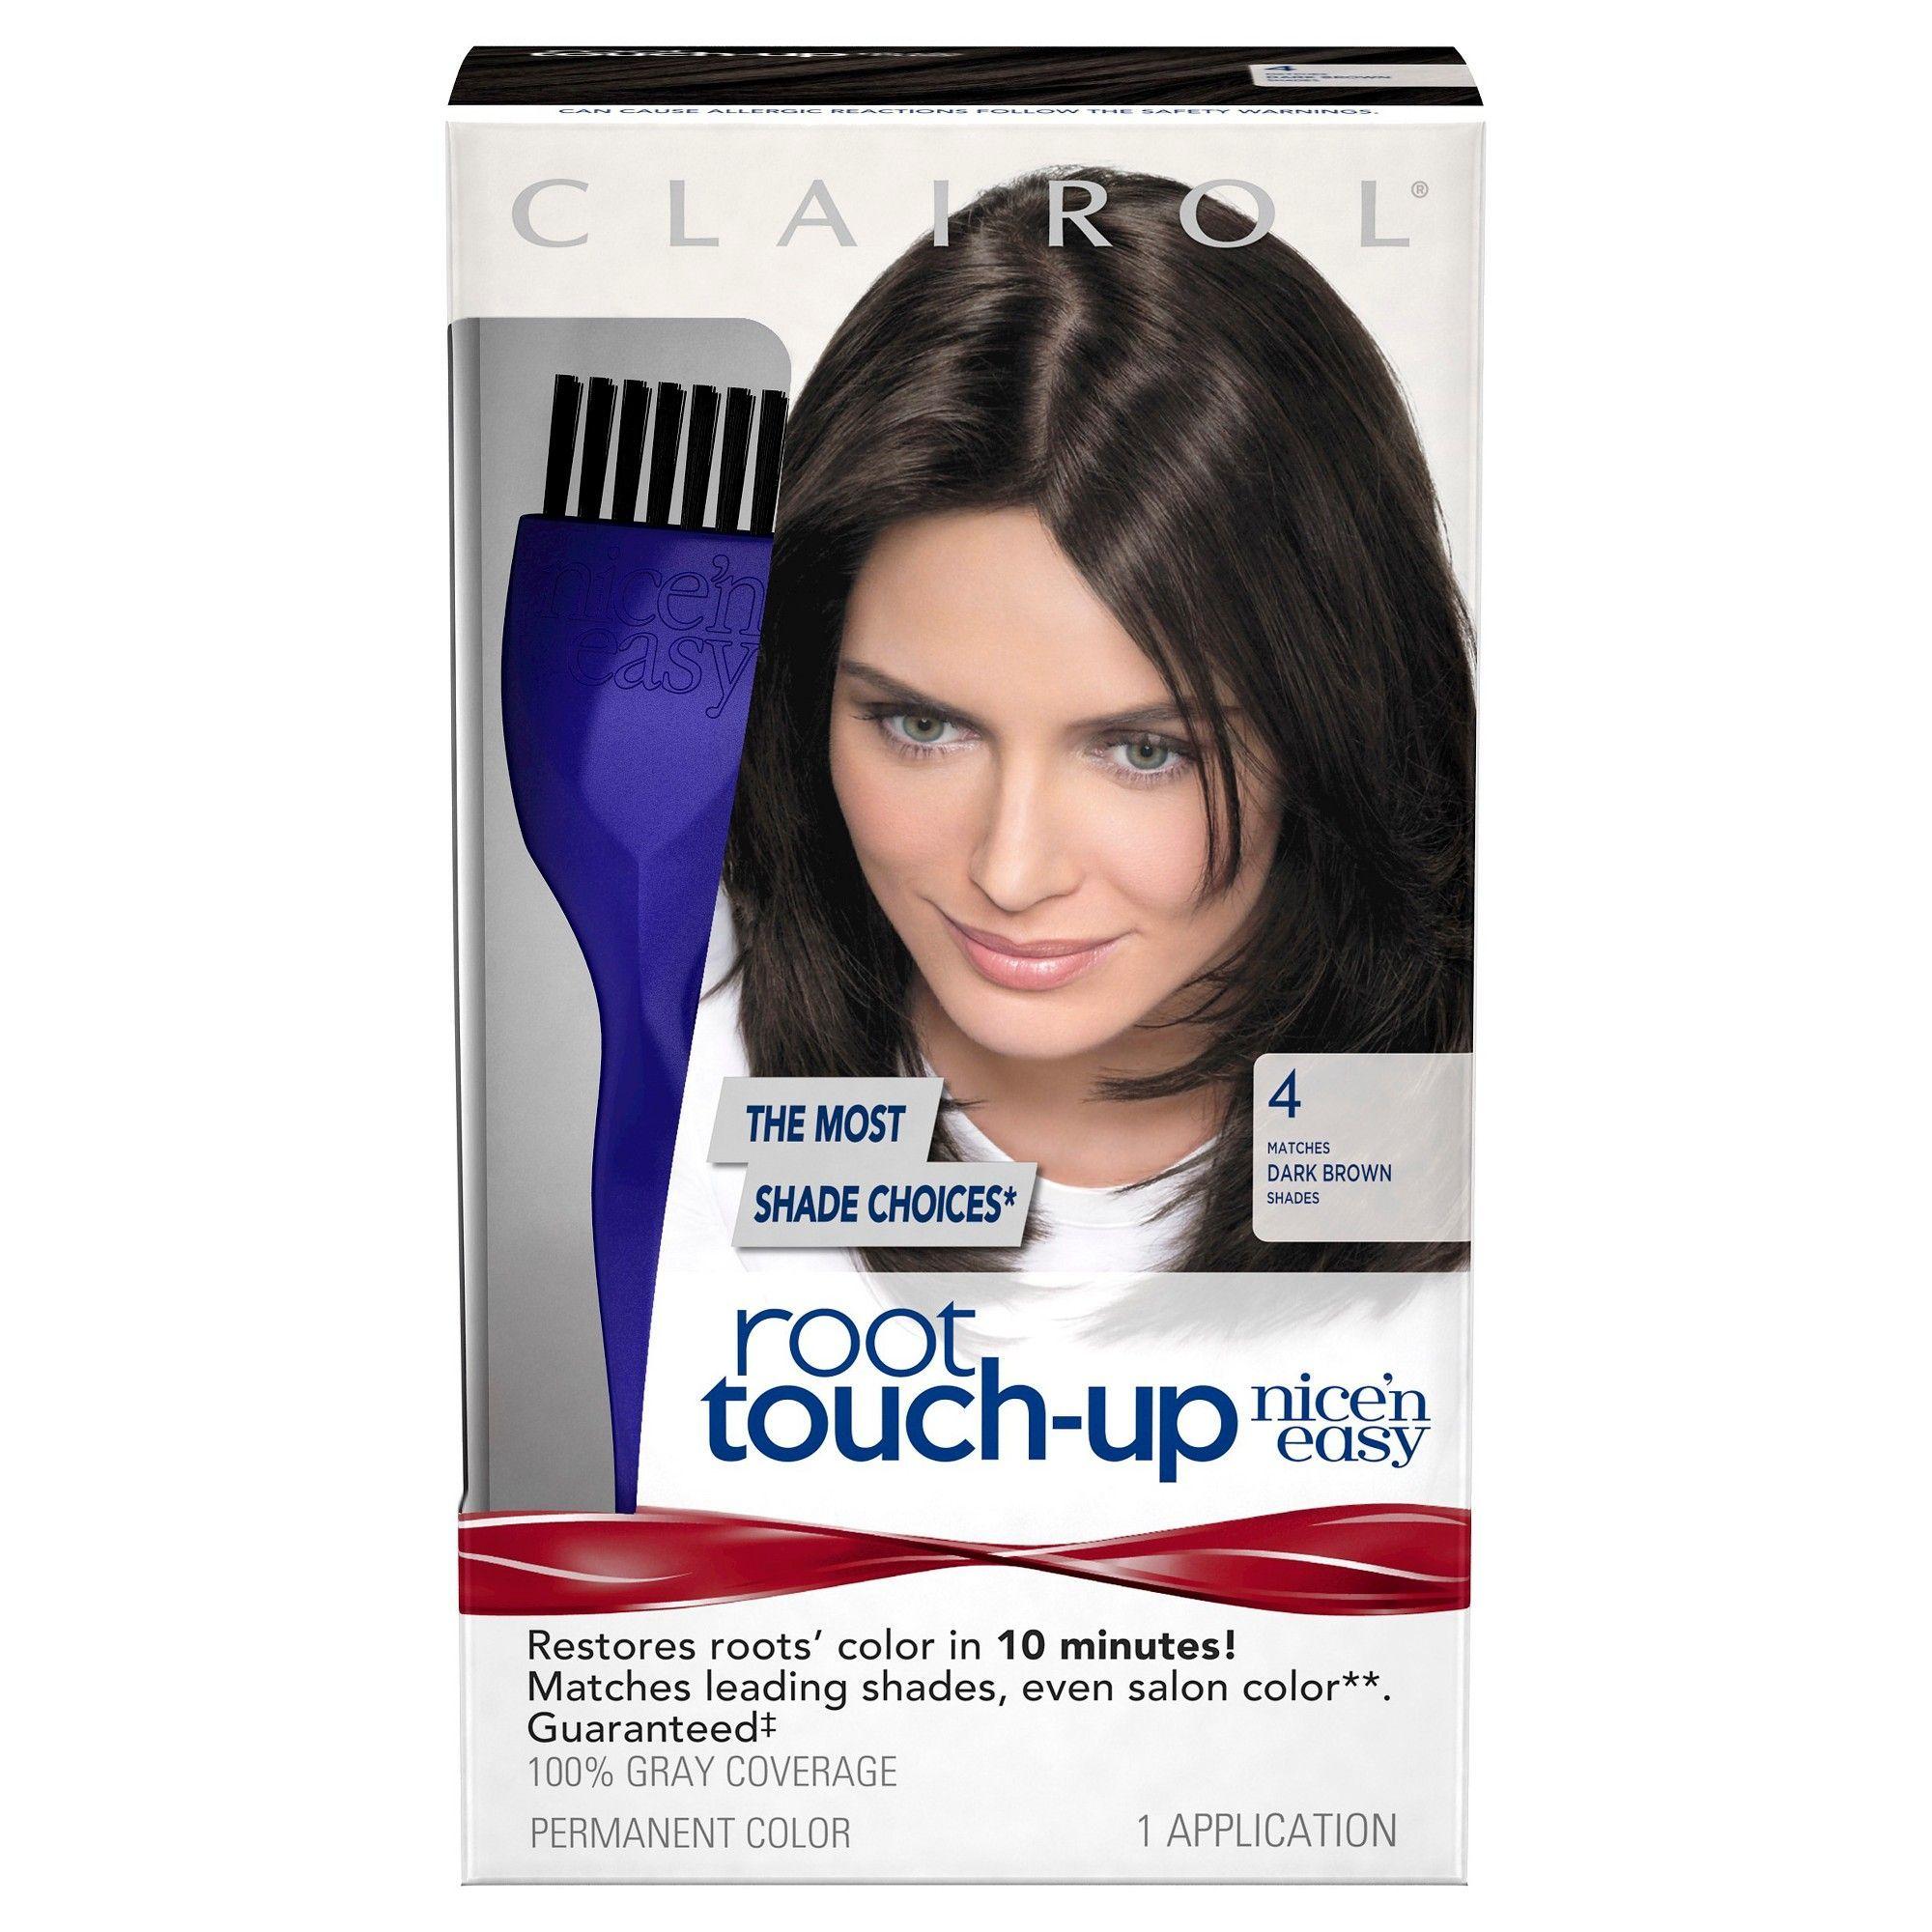 Clairol Nice 'n Easy Root Touch-Up Permanent Hair Color - Entre una visita y otra al salón, esta es mi solución para tapar una que otra cana que aparece. Lo que me gusta es que es fácil de usar, no hago regueros y hace efecto en 10 minutos. (Foto: Suministrada)